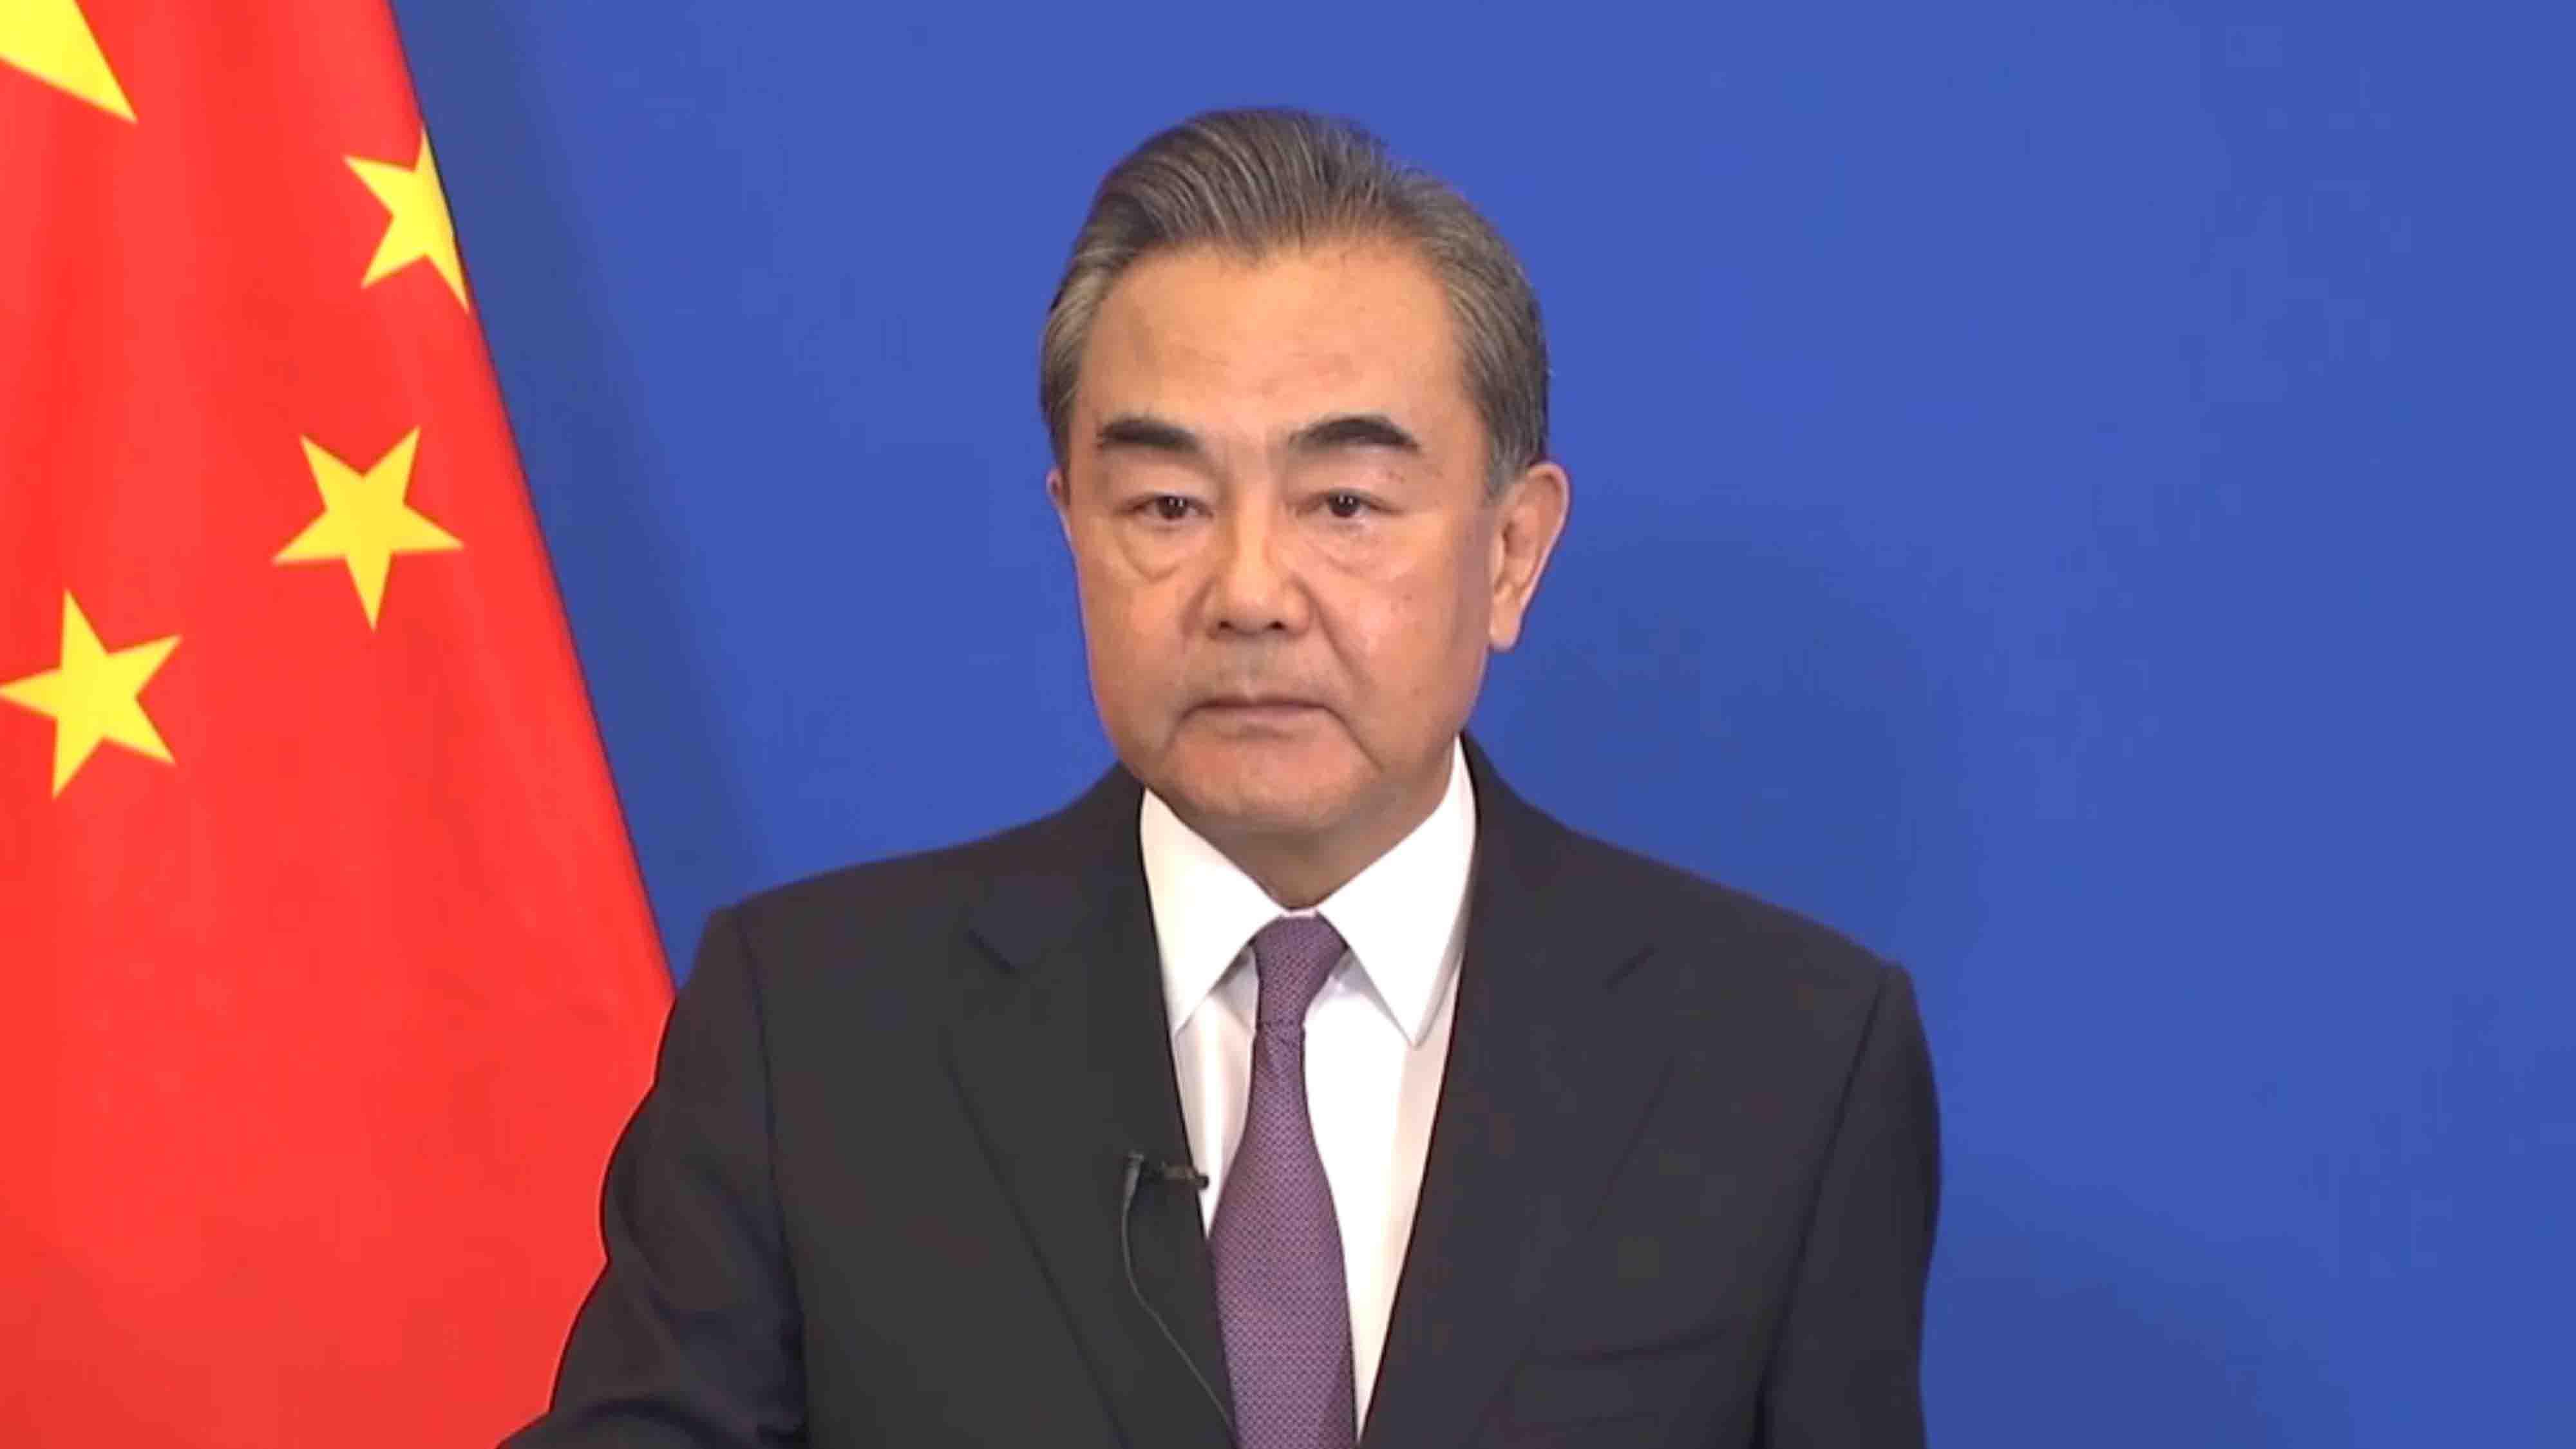 chinablastssanctionsagainstmyanmarmilitaryjunta